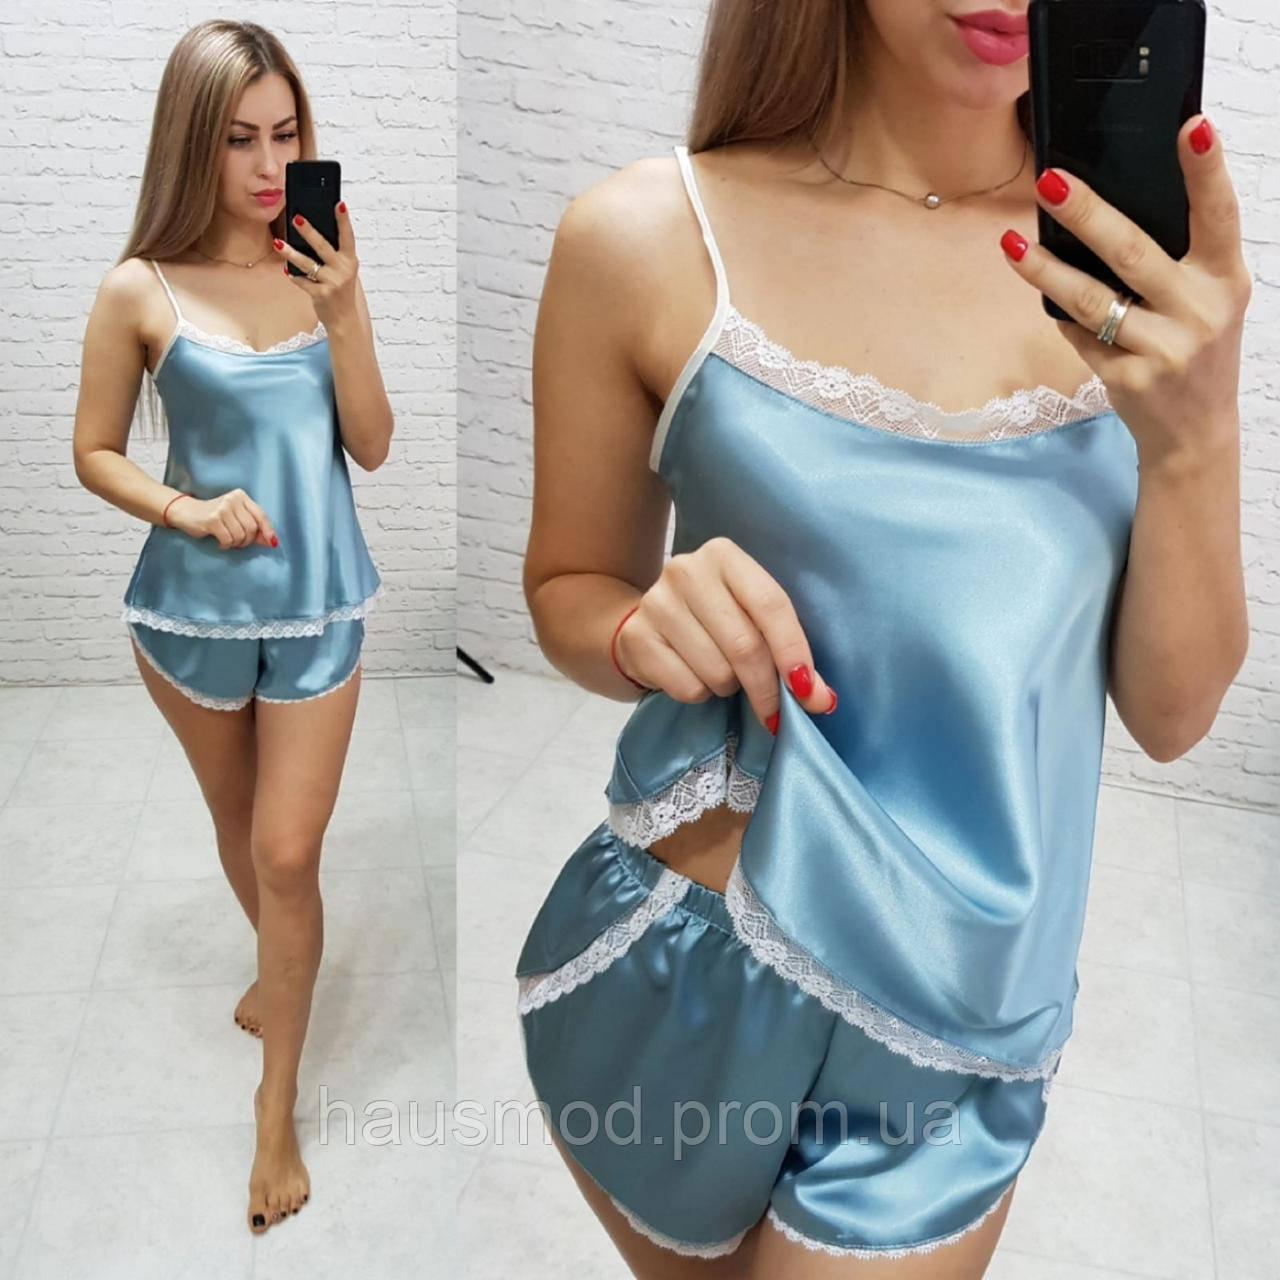 Женский комплект для сна ткань шелк Армани качество Люкс размеры S-M, L-XL цвет шалфей